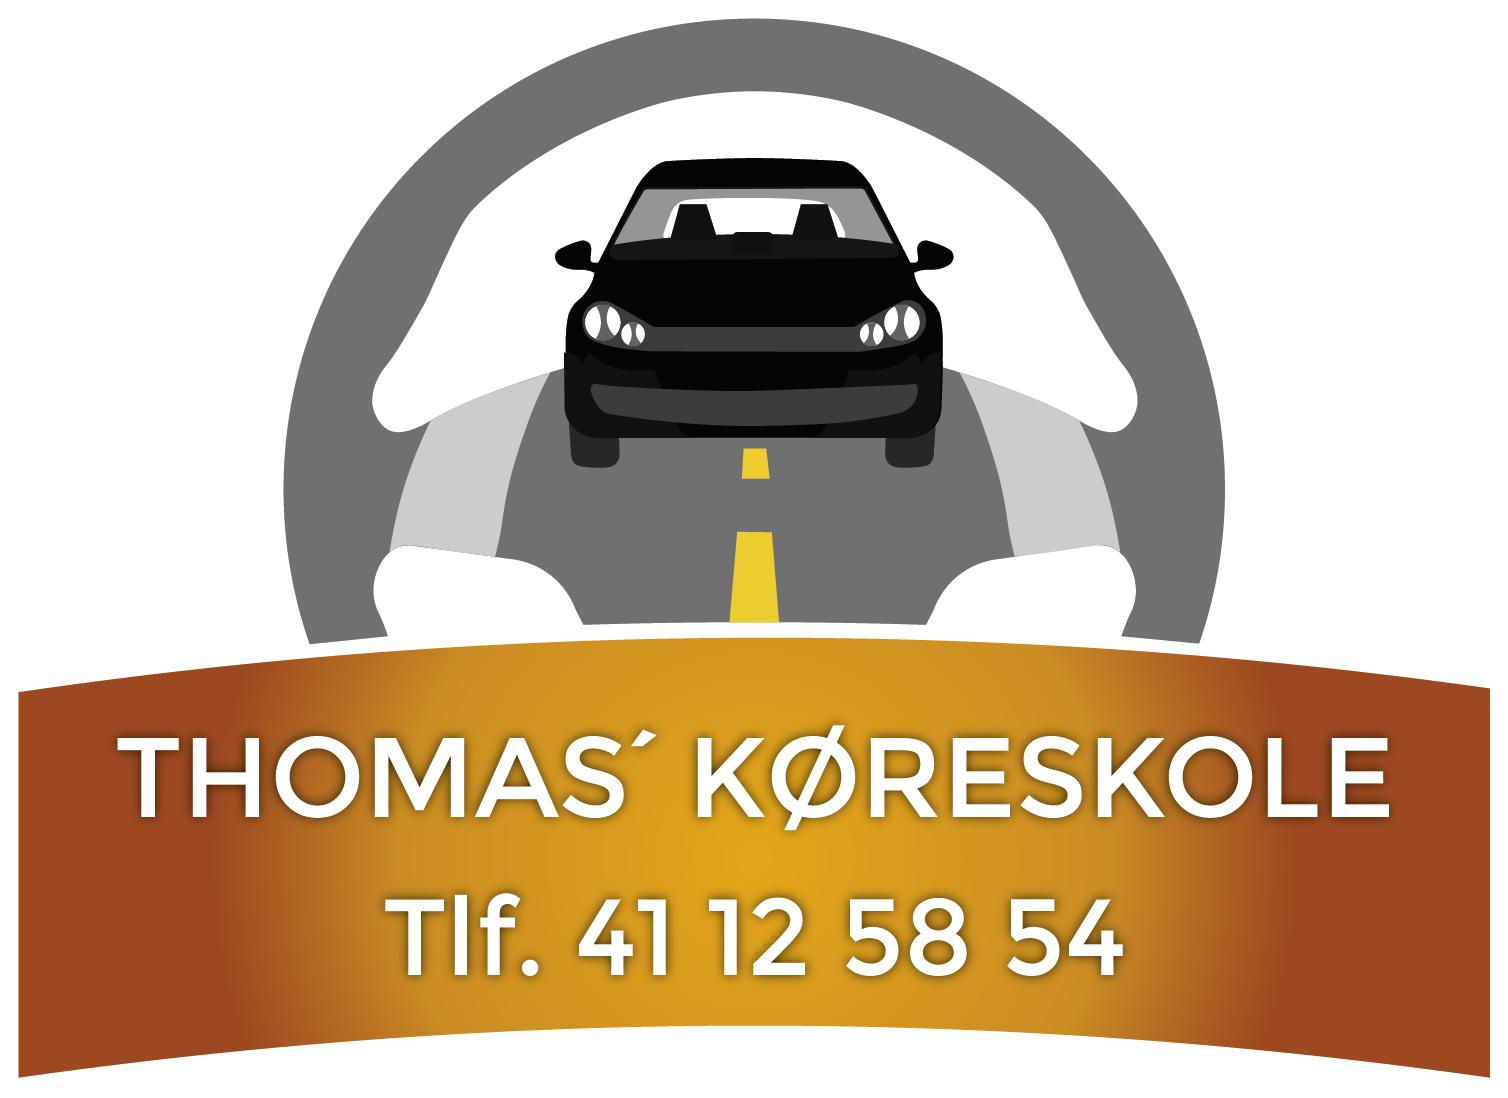 Thomas's køreskole Logo